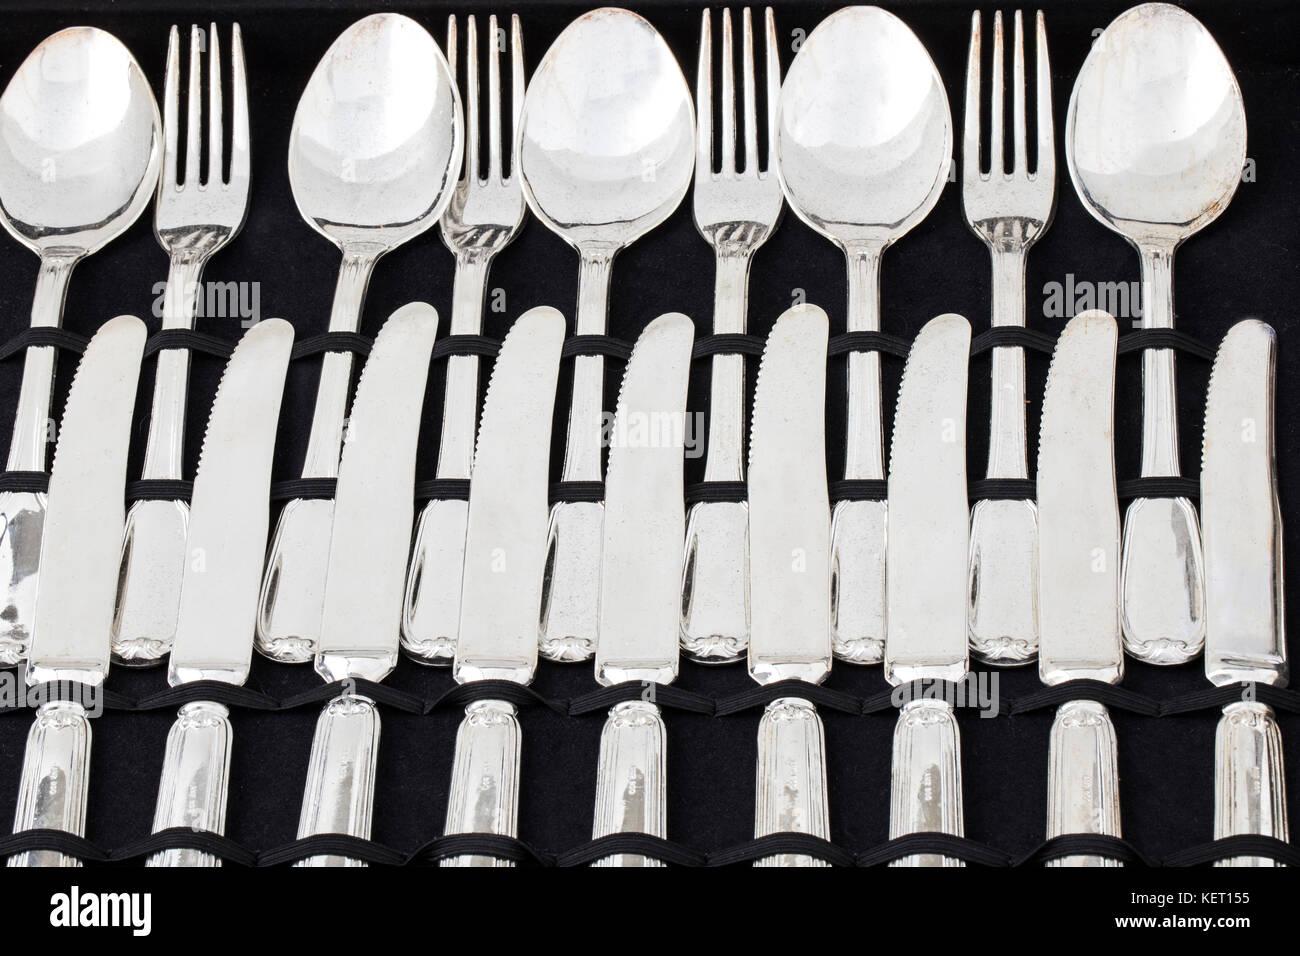 Conjunto de utensilio de cocina. Cuchilla de acero inoxidable ...